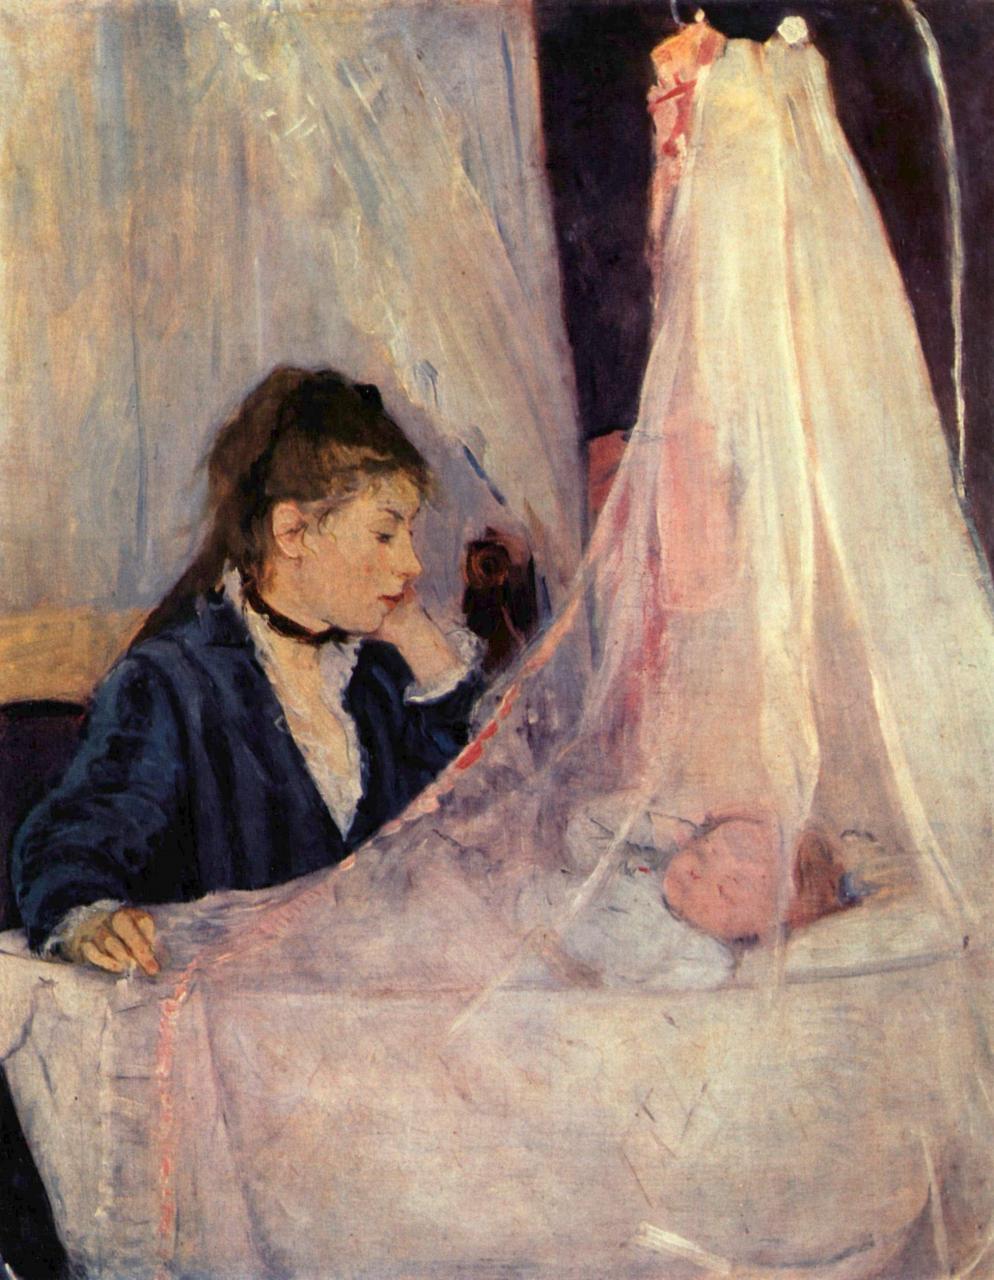 Berthe_Morisot_Le-berceau-1873.jpg